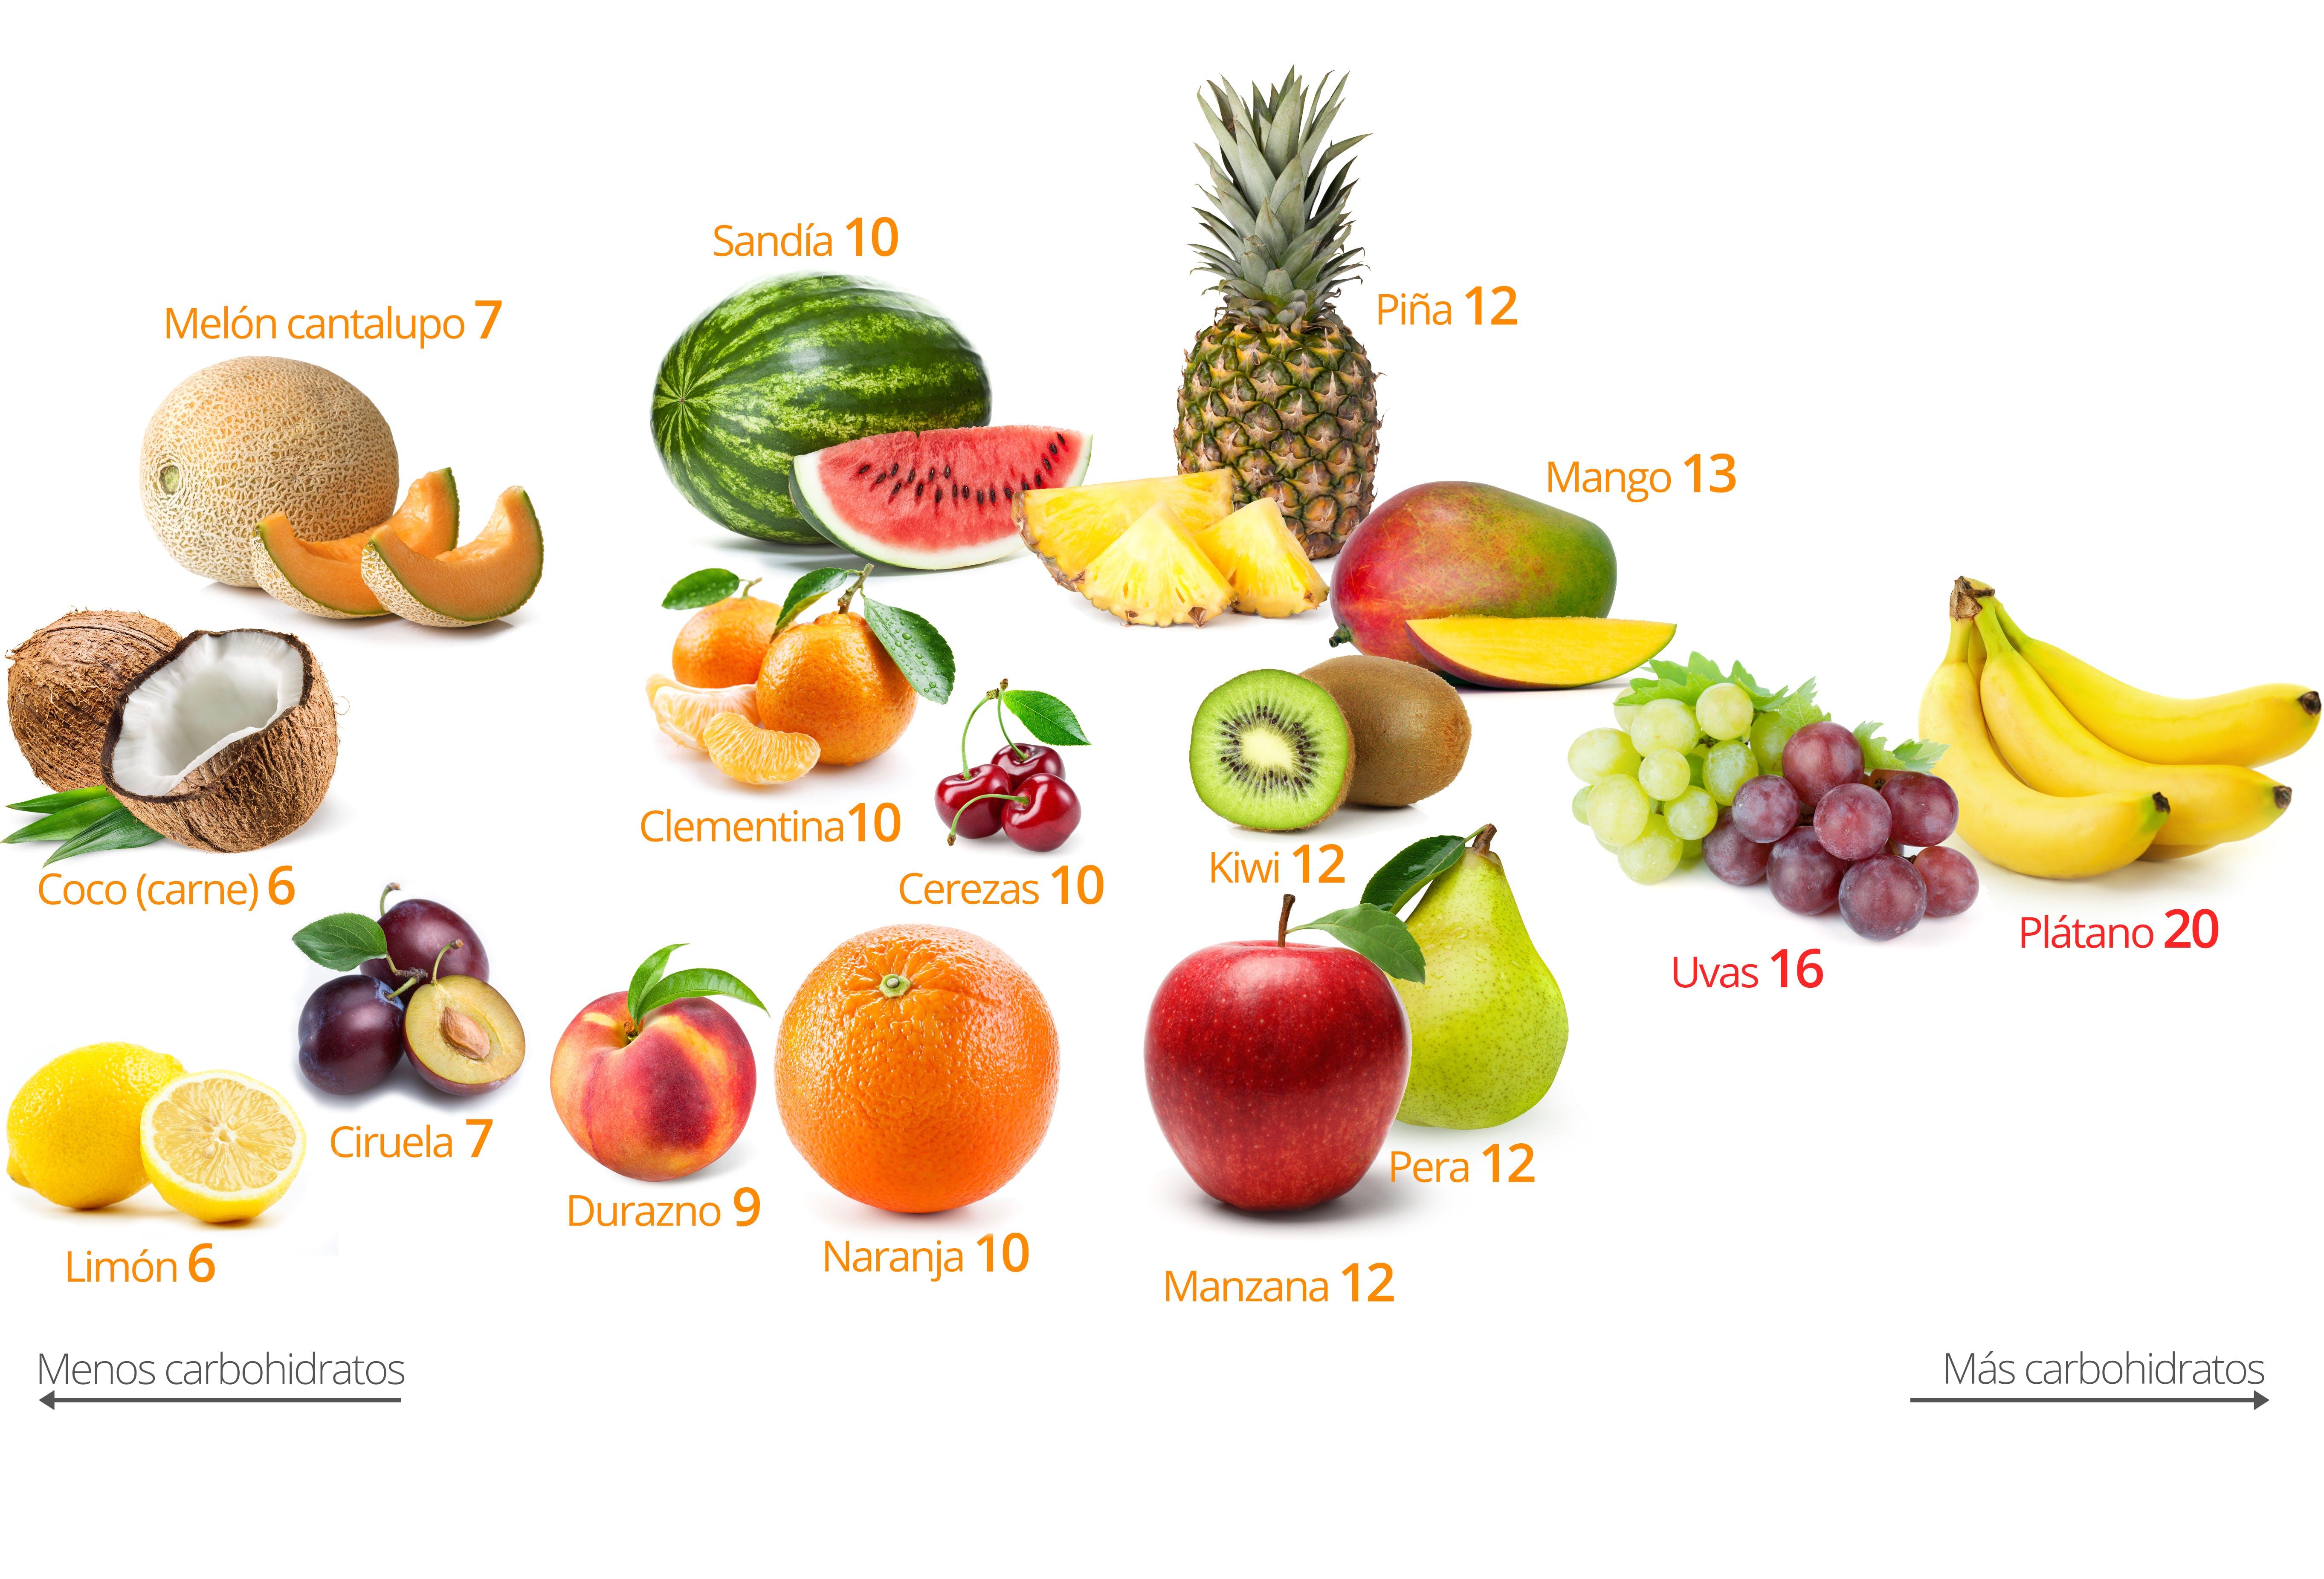 Frutas y bayas bajas en carbohidratos: las mejores y las peores